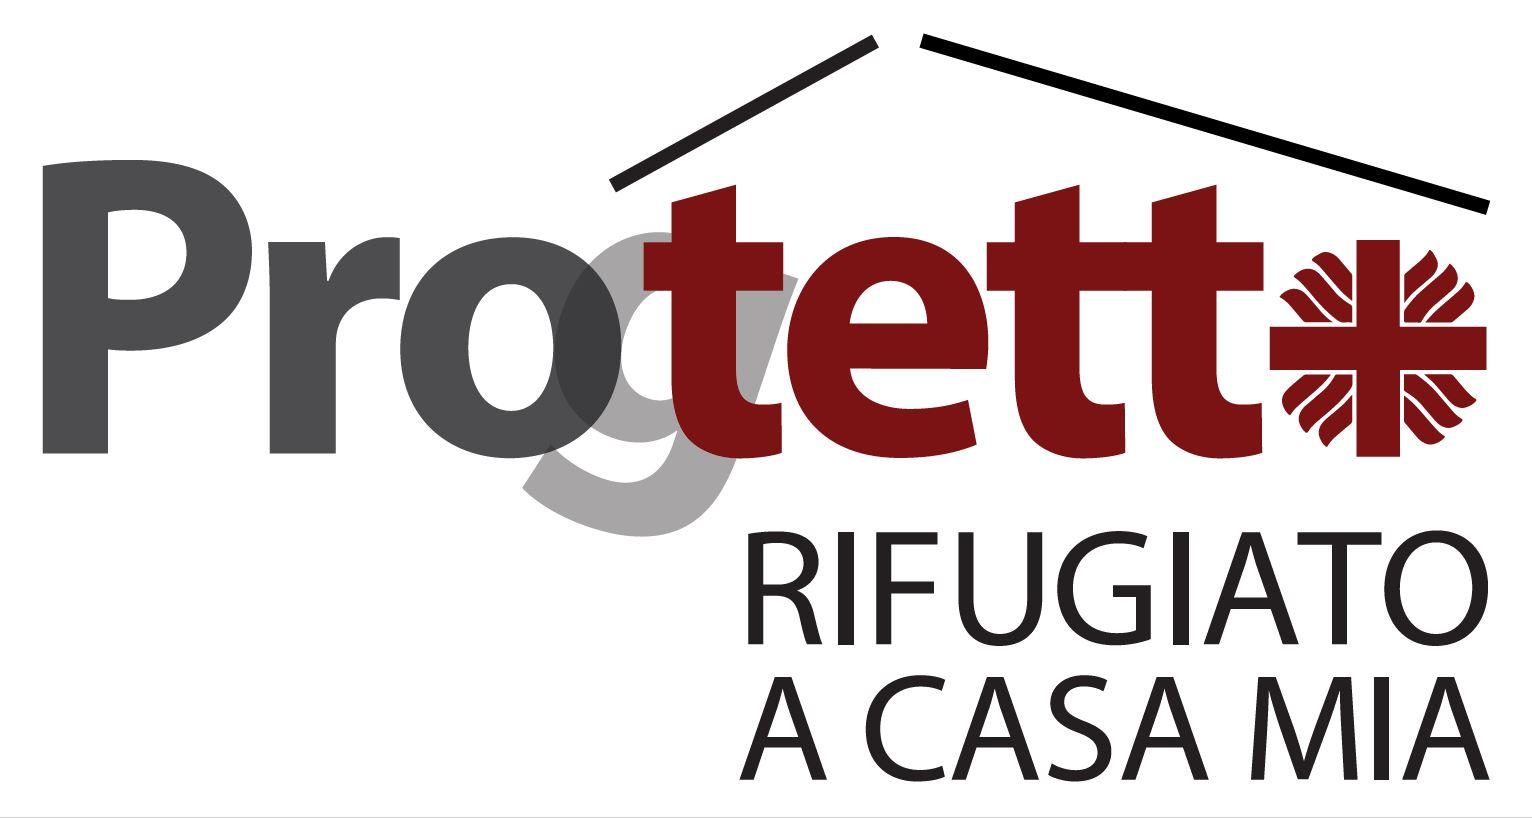 protetto rifugiato a casa mia. Black Bedroom Furniture Sets. Home Design Ideas